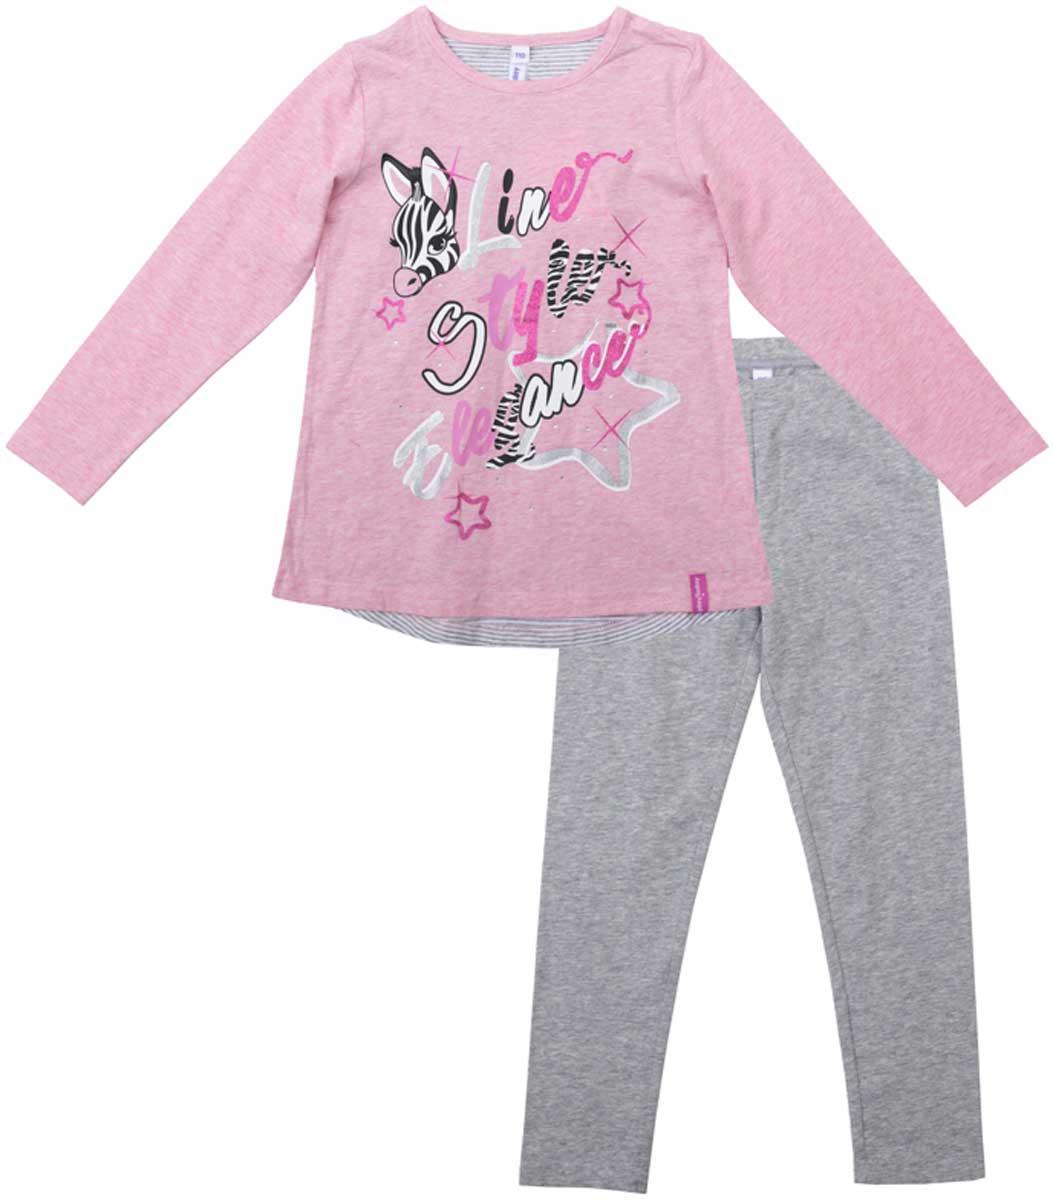 Комплект для девочки PlayToday: лонгслив, леггинсы, цвет: светло-розовый, светло-серый, серый. 172072. Размер 104172072Комплект из футболки и брюк-леггинсов прекрасно подойдет как для домашнего использования, так и для прогулок на свежем воздухе. Мягкий, приятный к телу, материал не сковывает движений. Яркий стильный принт является достойным украшением данного изделия. Леггинсы на мягкой удобной резинке.